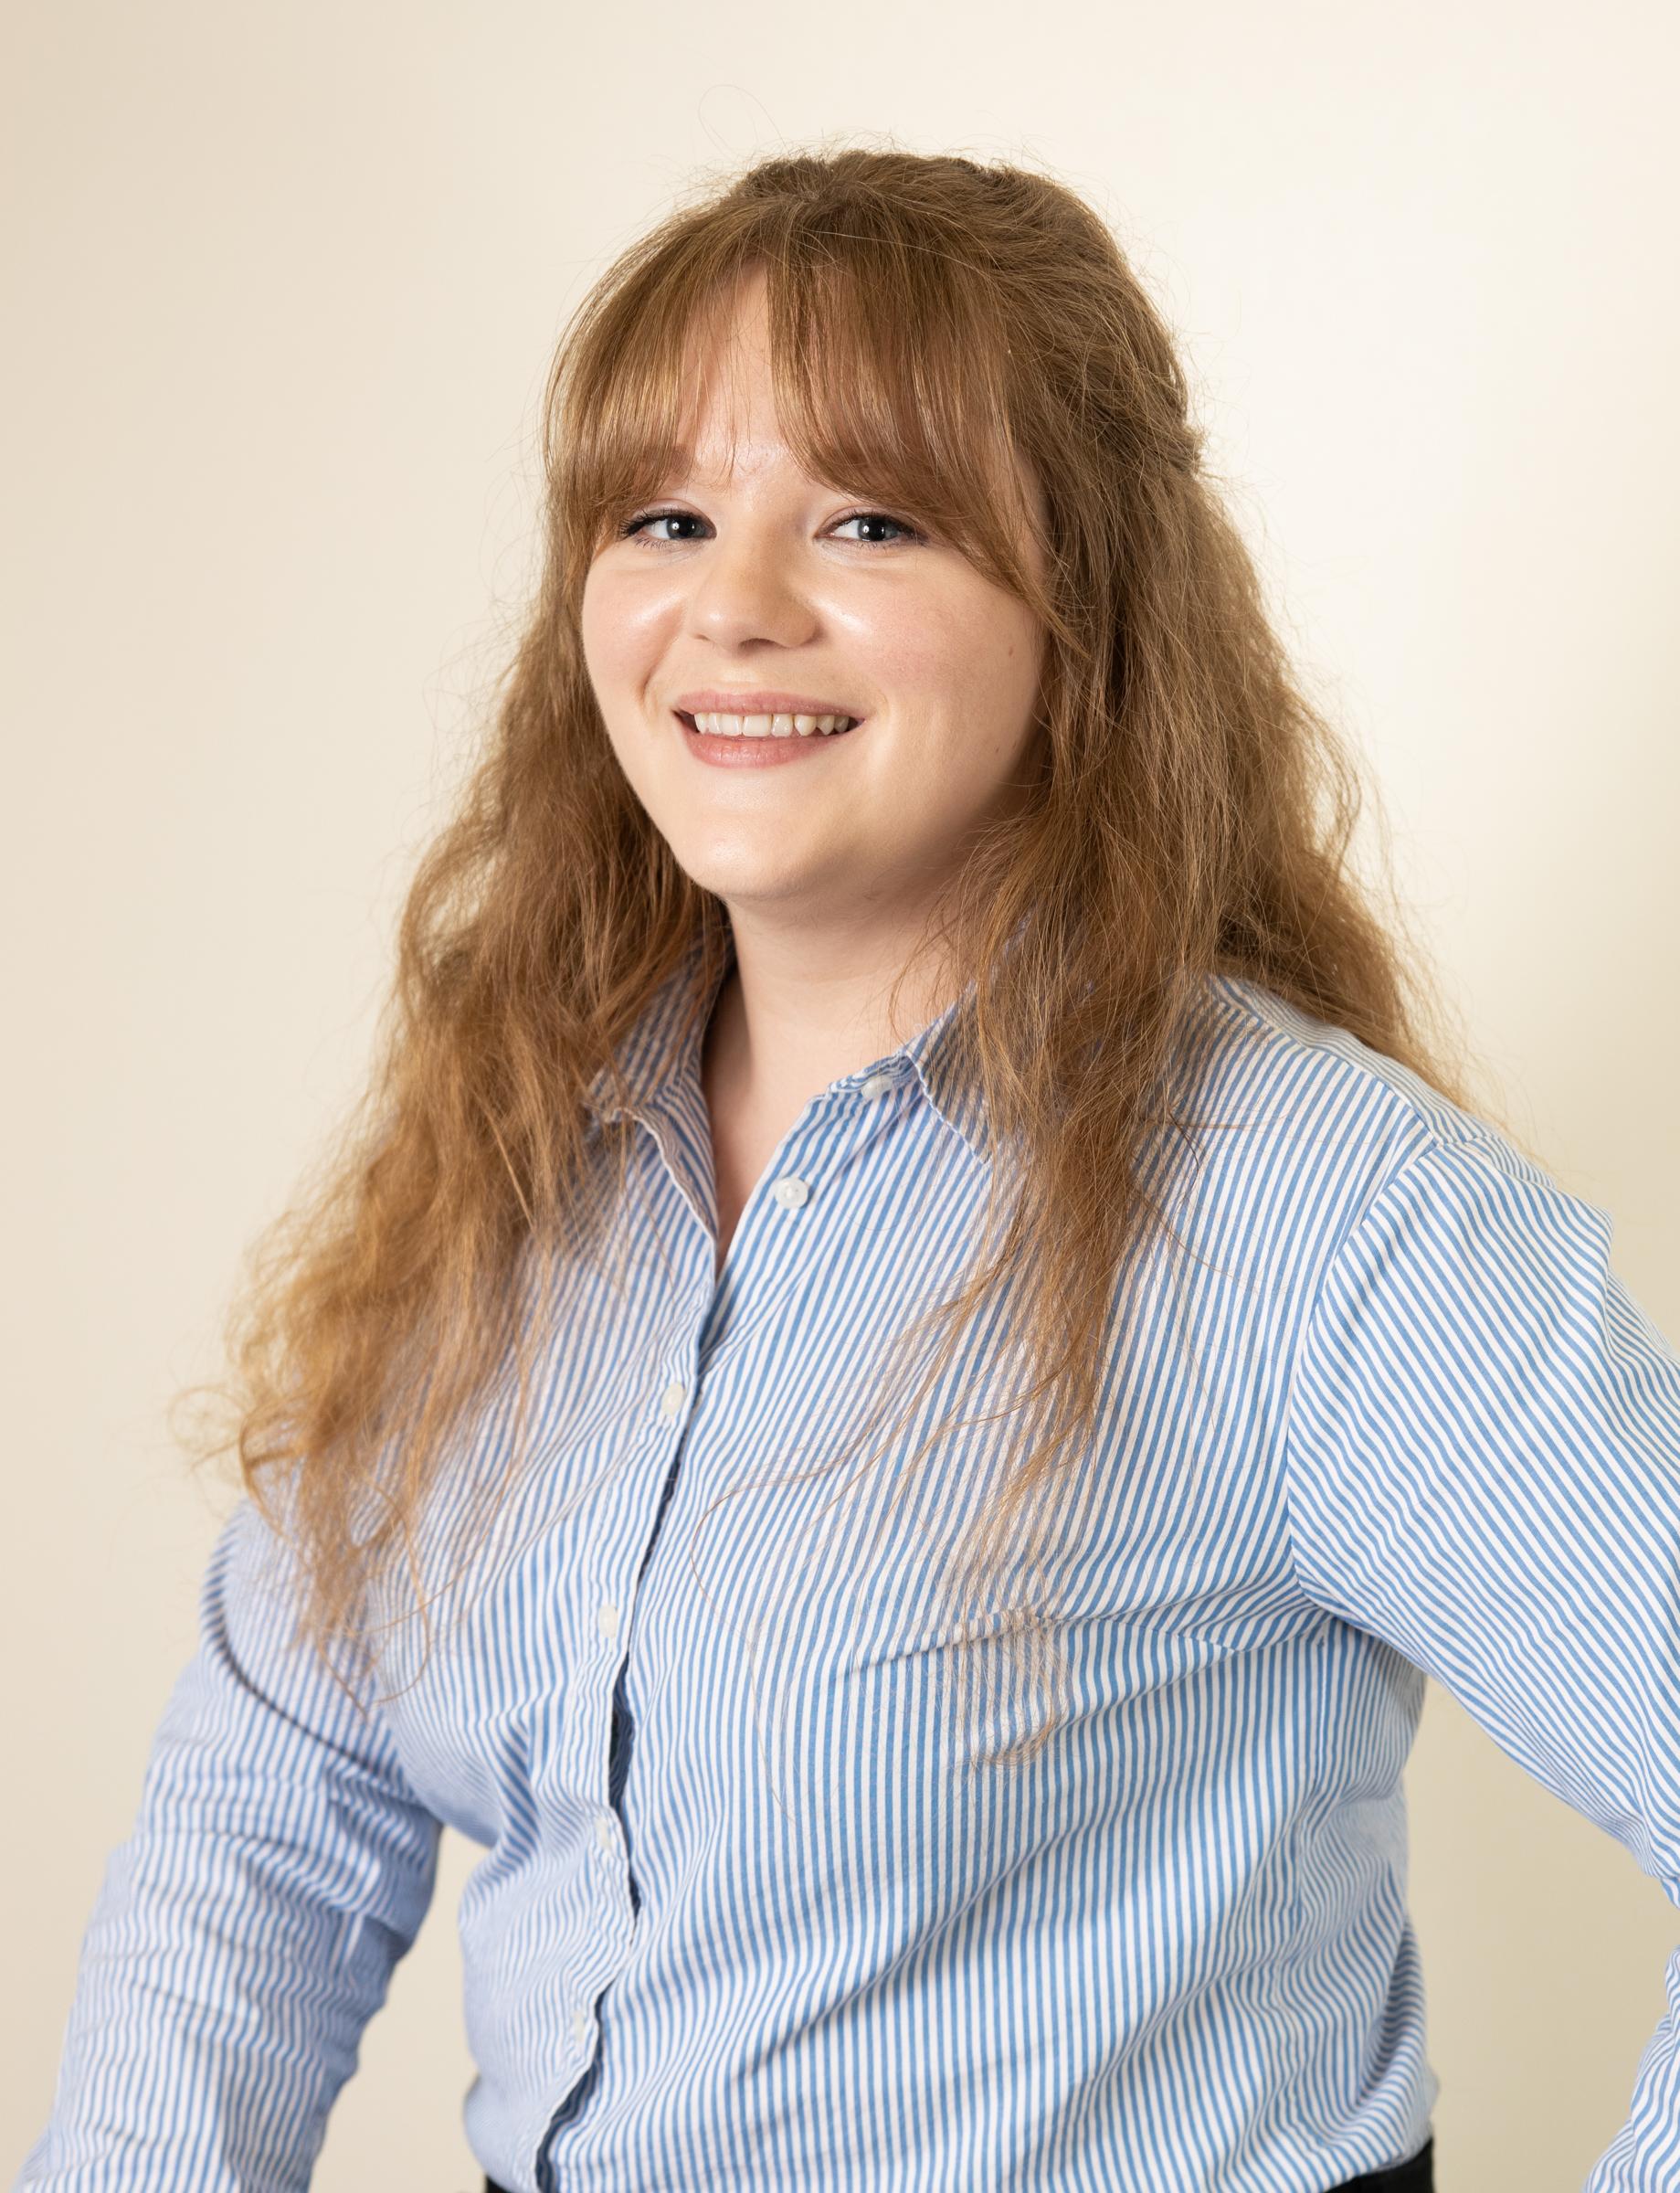 Megan Kittelman - Official Headshot 2021